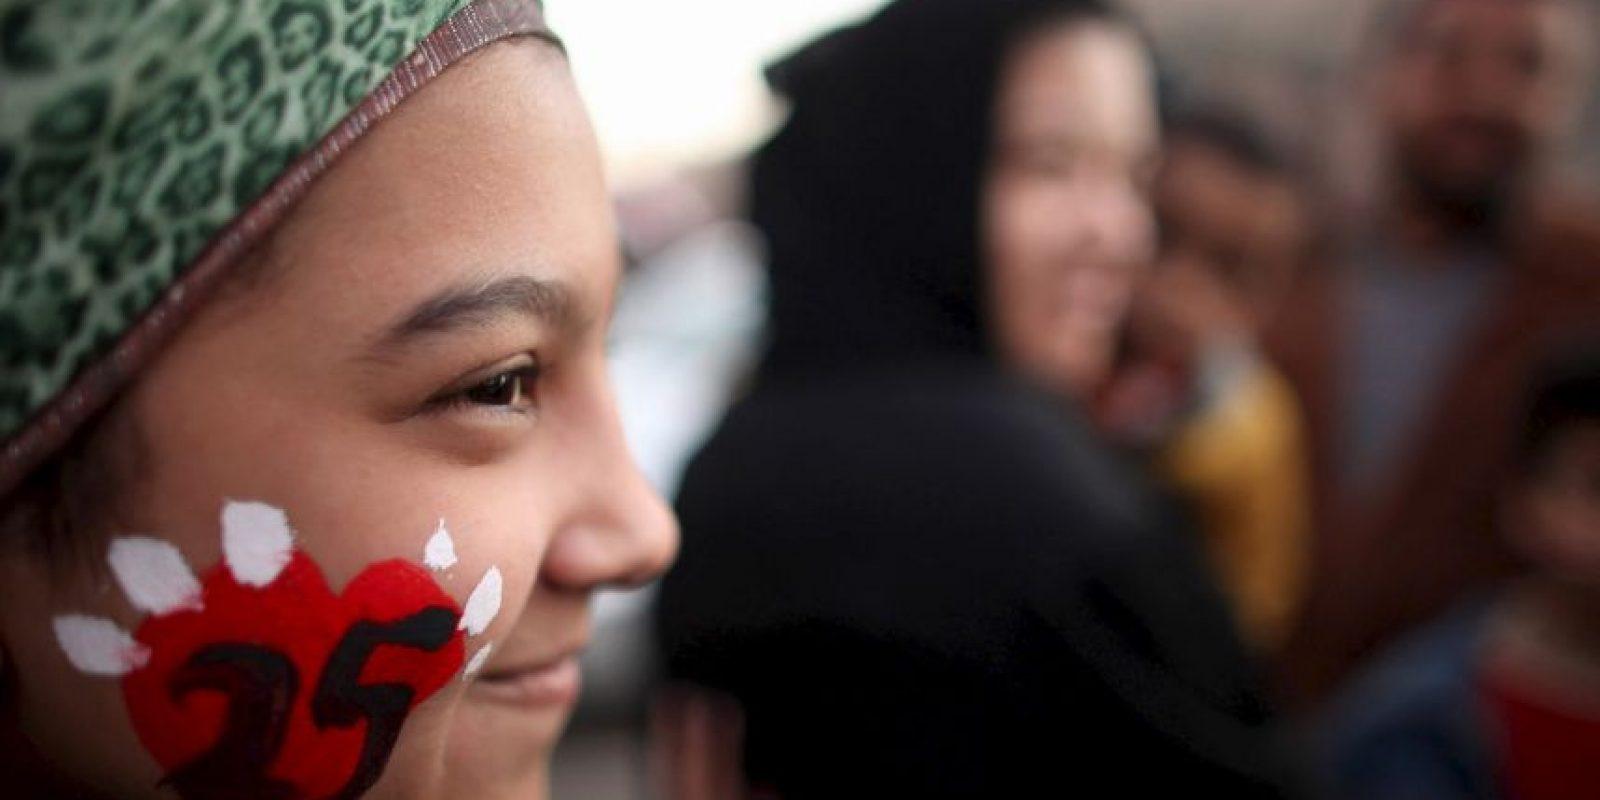 3. La gran mayoría de los niños encarcelados no ha cometido delitos graves. Foto:Getty Images